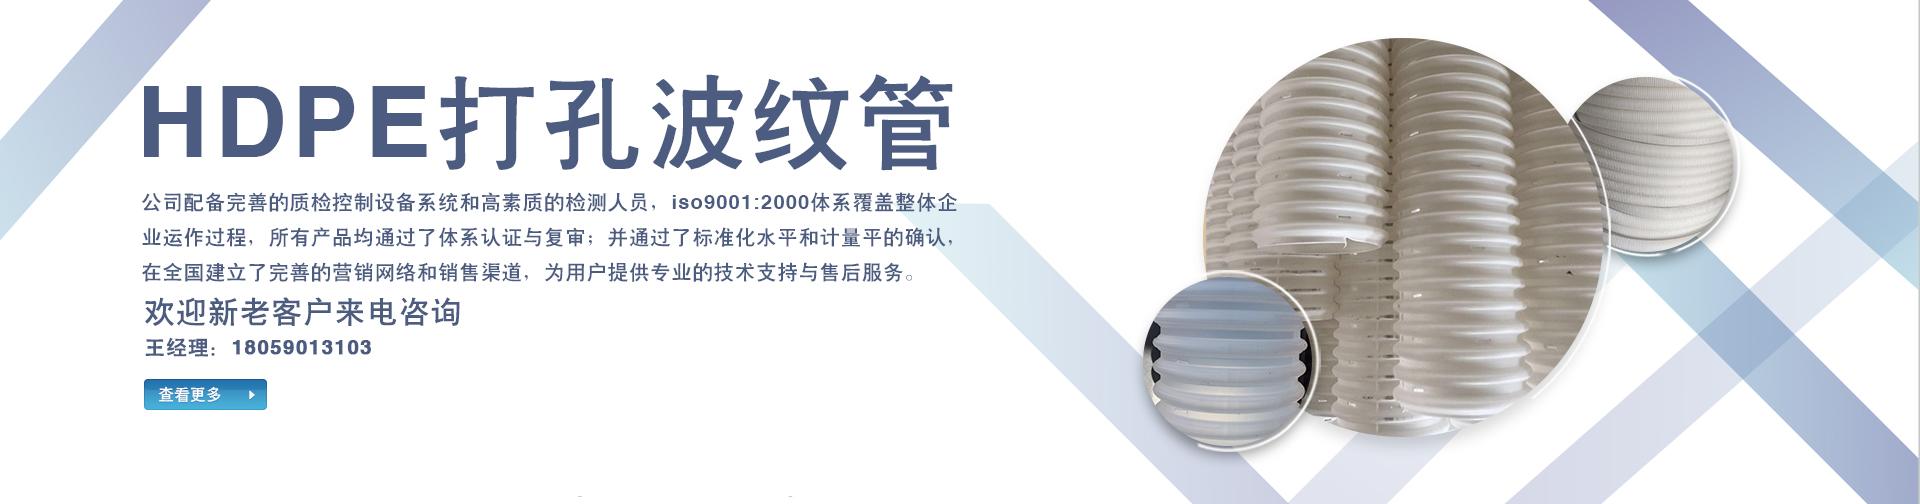 台灣別致達管業産品